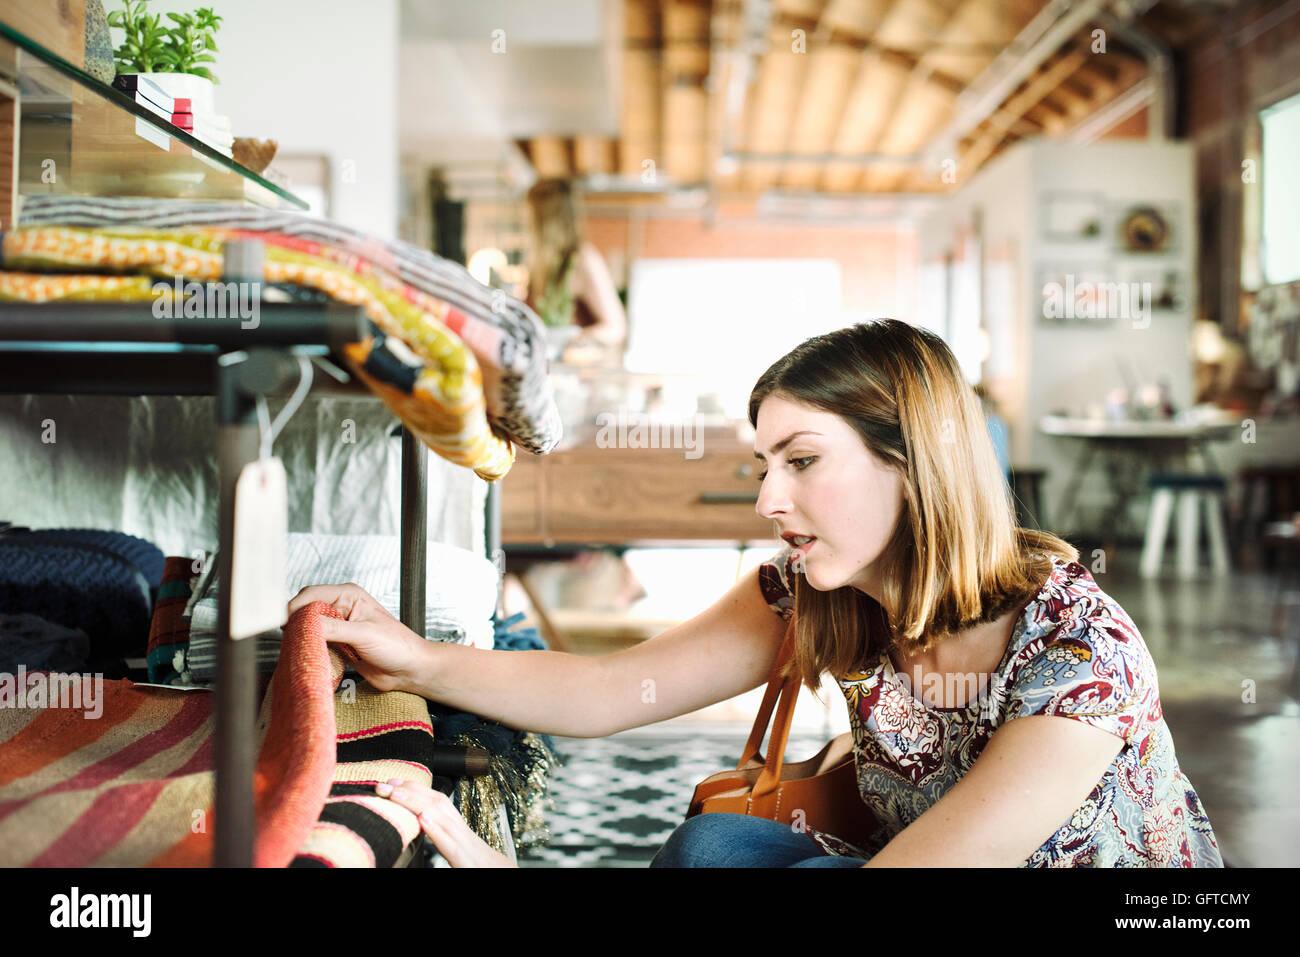 Giovane donna in un negozio guardando tappeti su un ripiano Immagini Stock